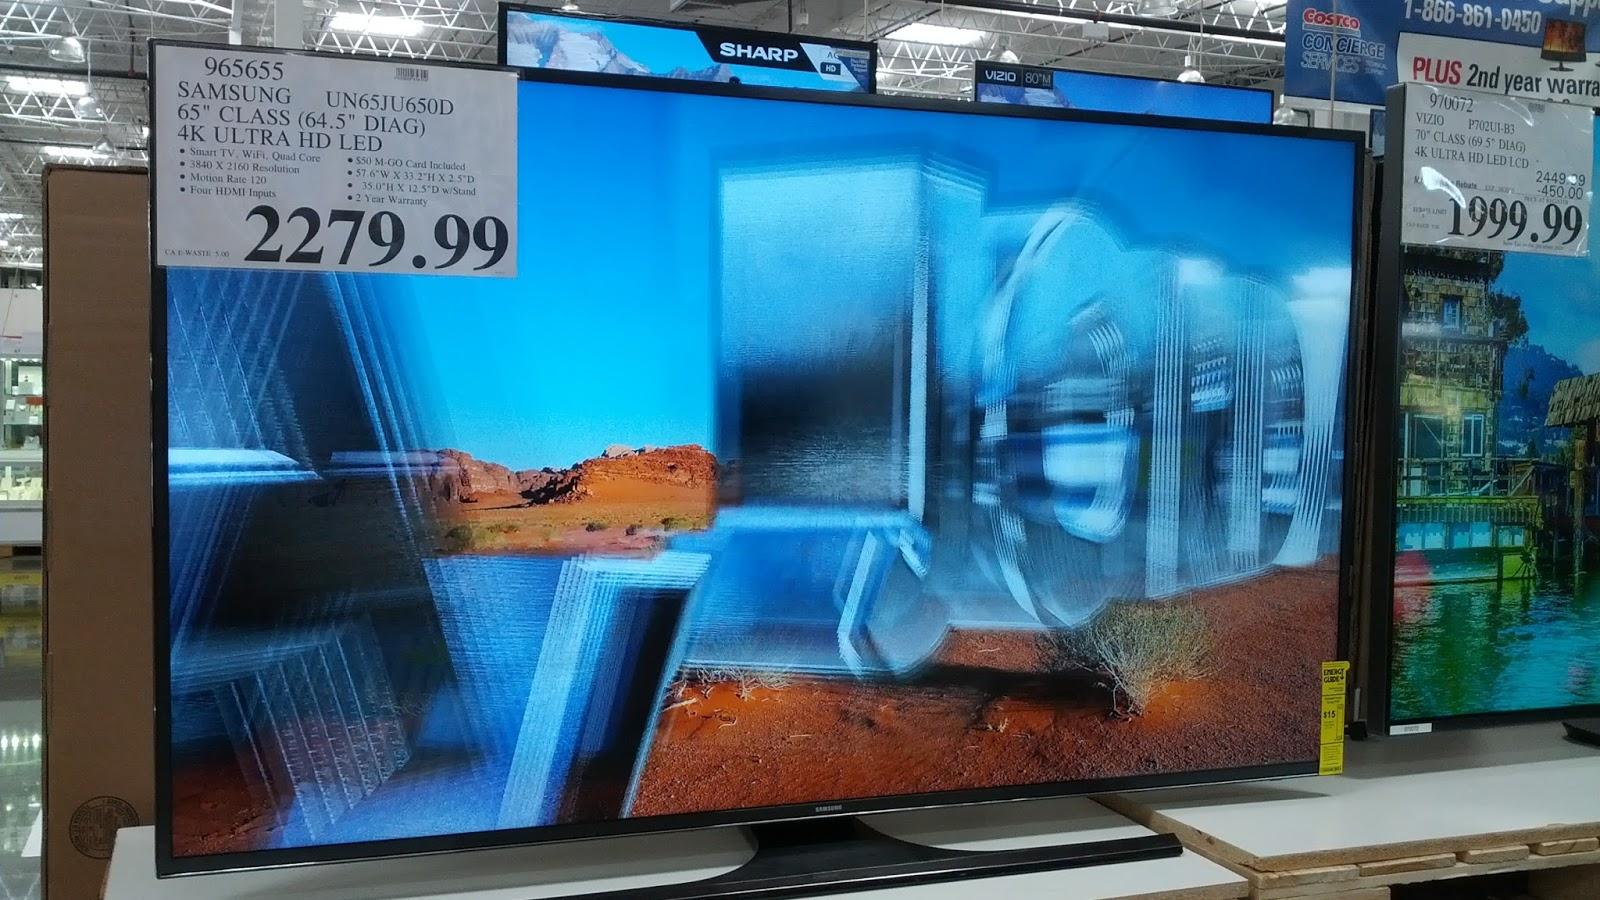 Costco tv deals 65 inch